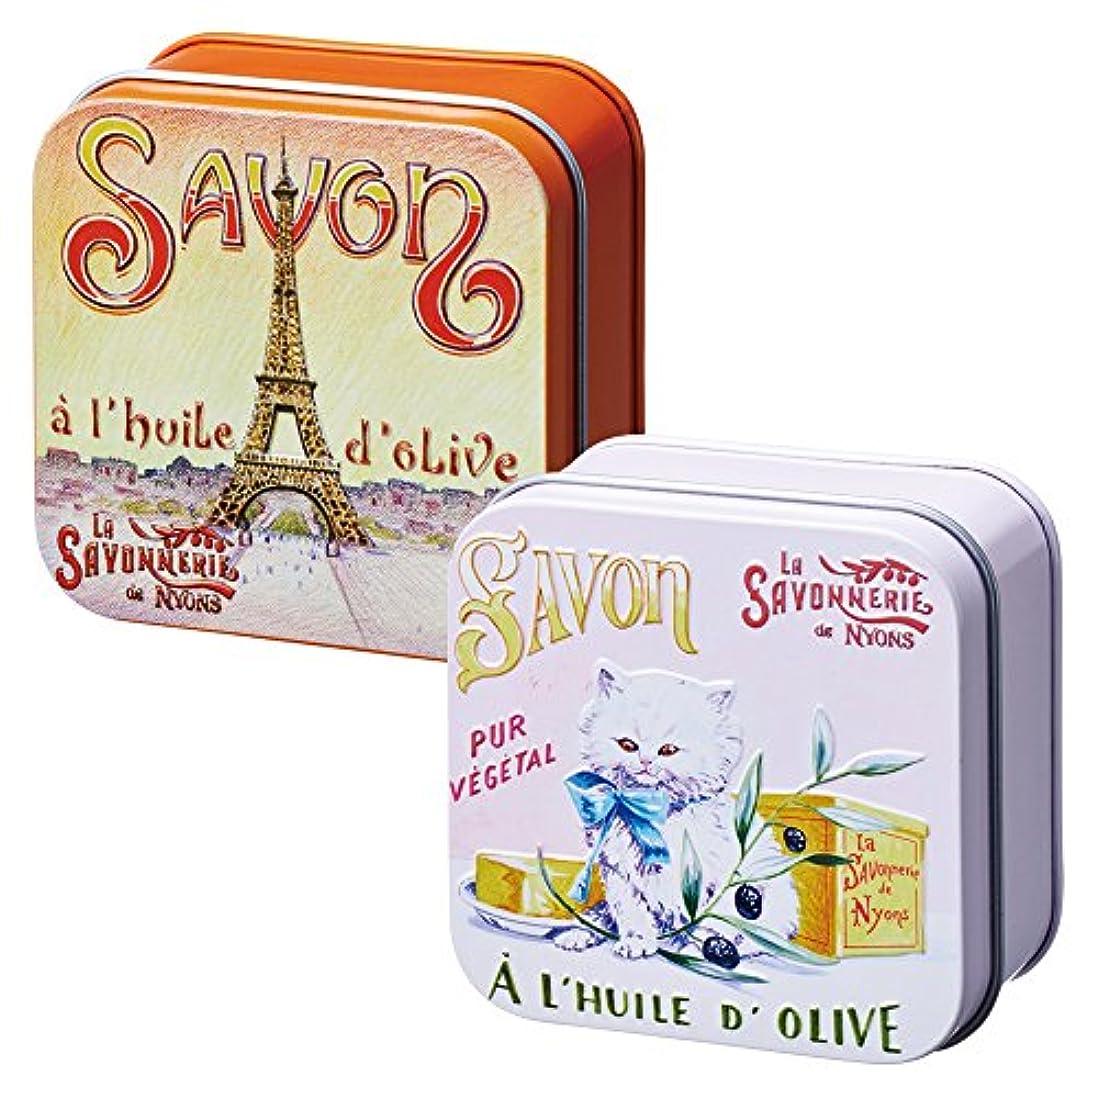 タイプライター努力するエッセイフランスお土産 ラ?サボネリー アンティーク缶入り石けん 2種セット(子猫&エッフェル塔)